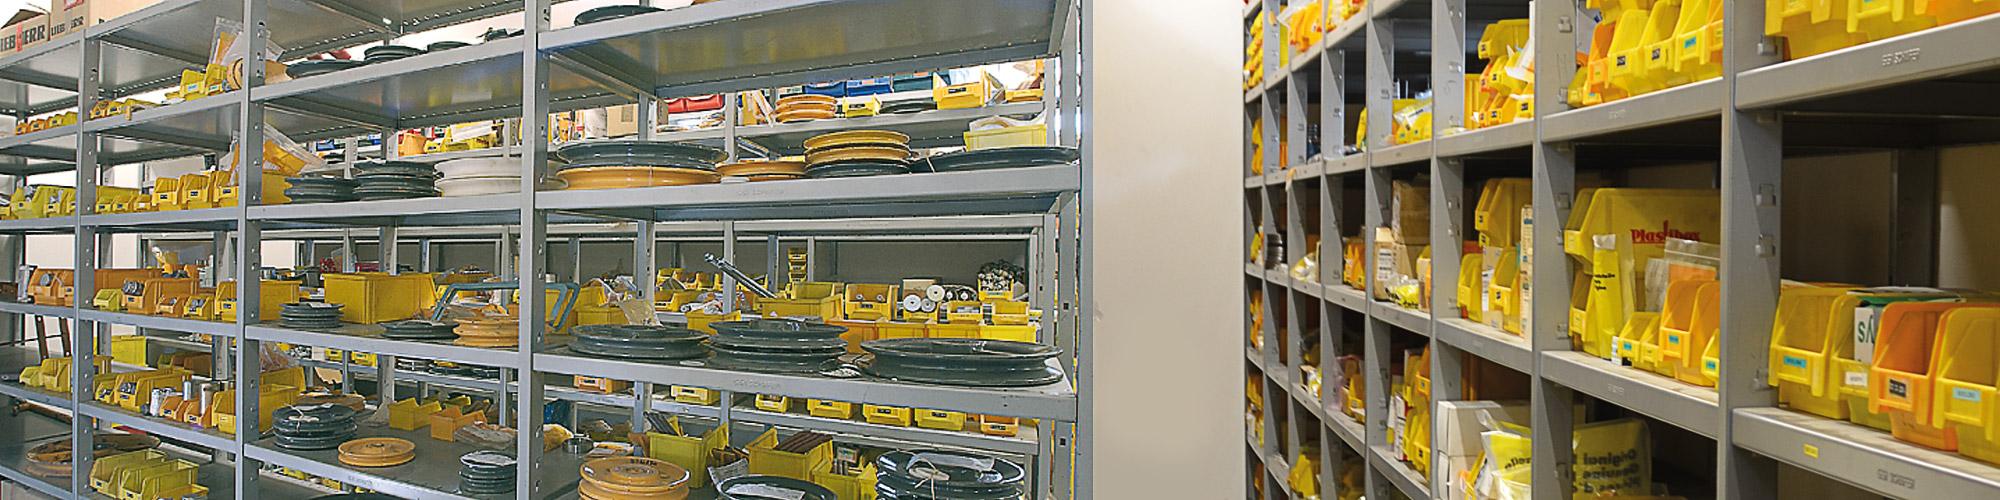 BKL Lager Ersatzteile